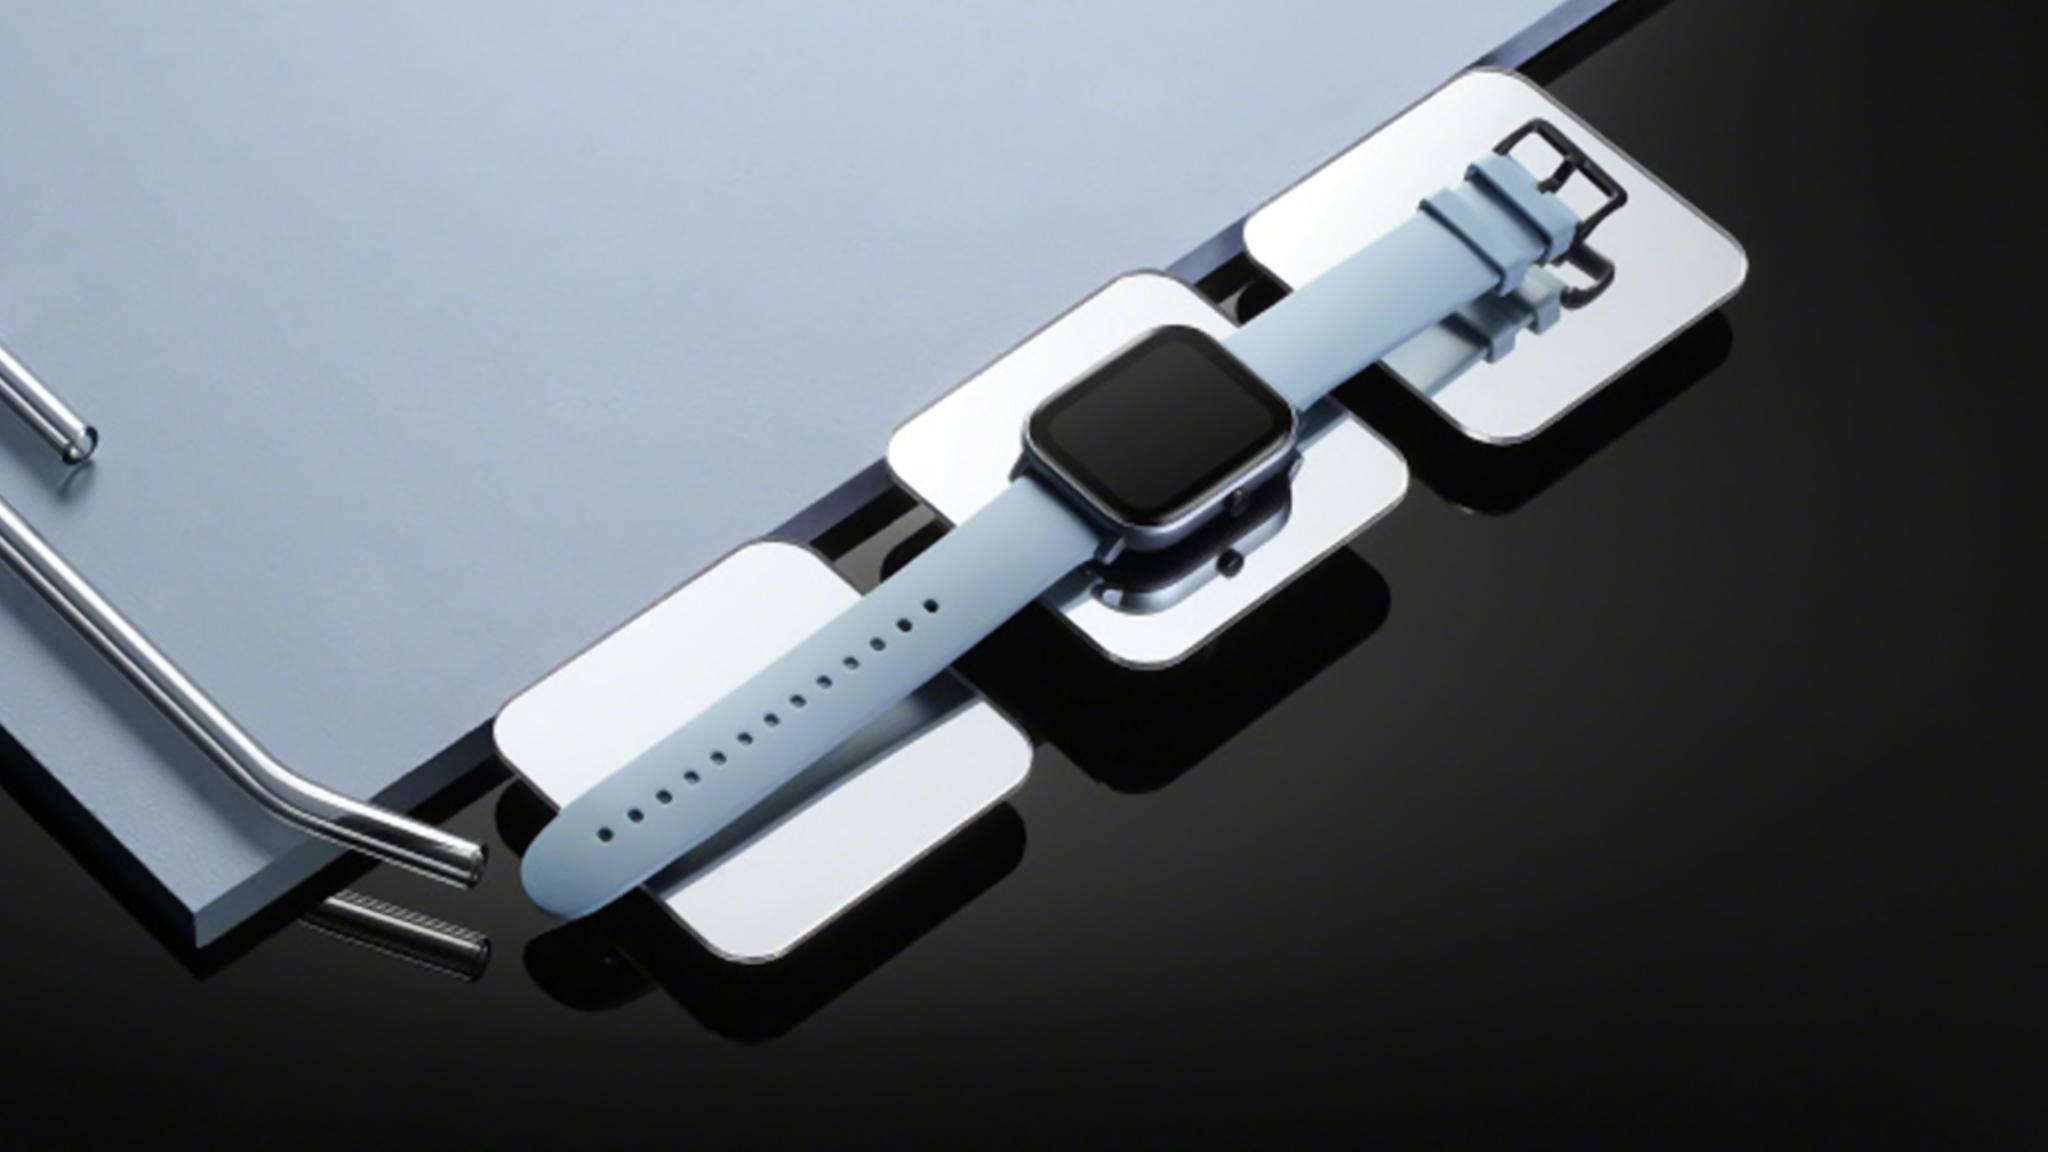 Die neue Amazfit-Smartwatch von Huami sieht der Apple Watch auffallend ähnlich.